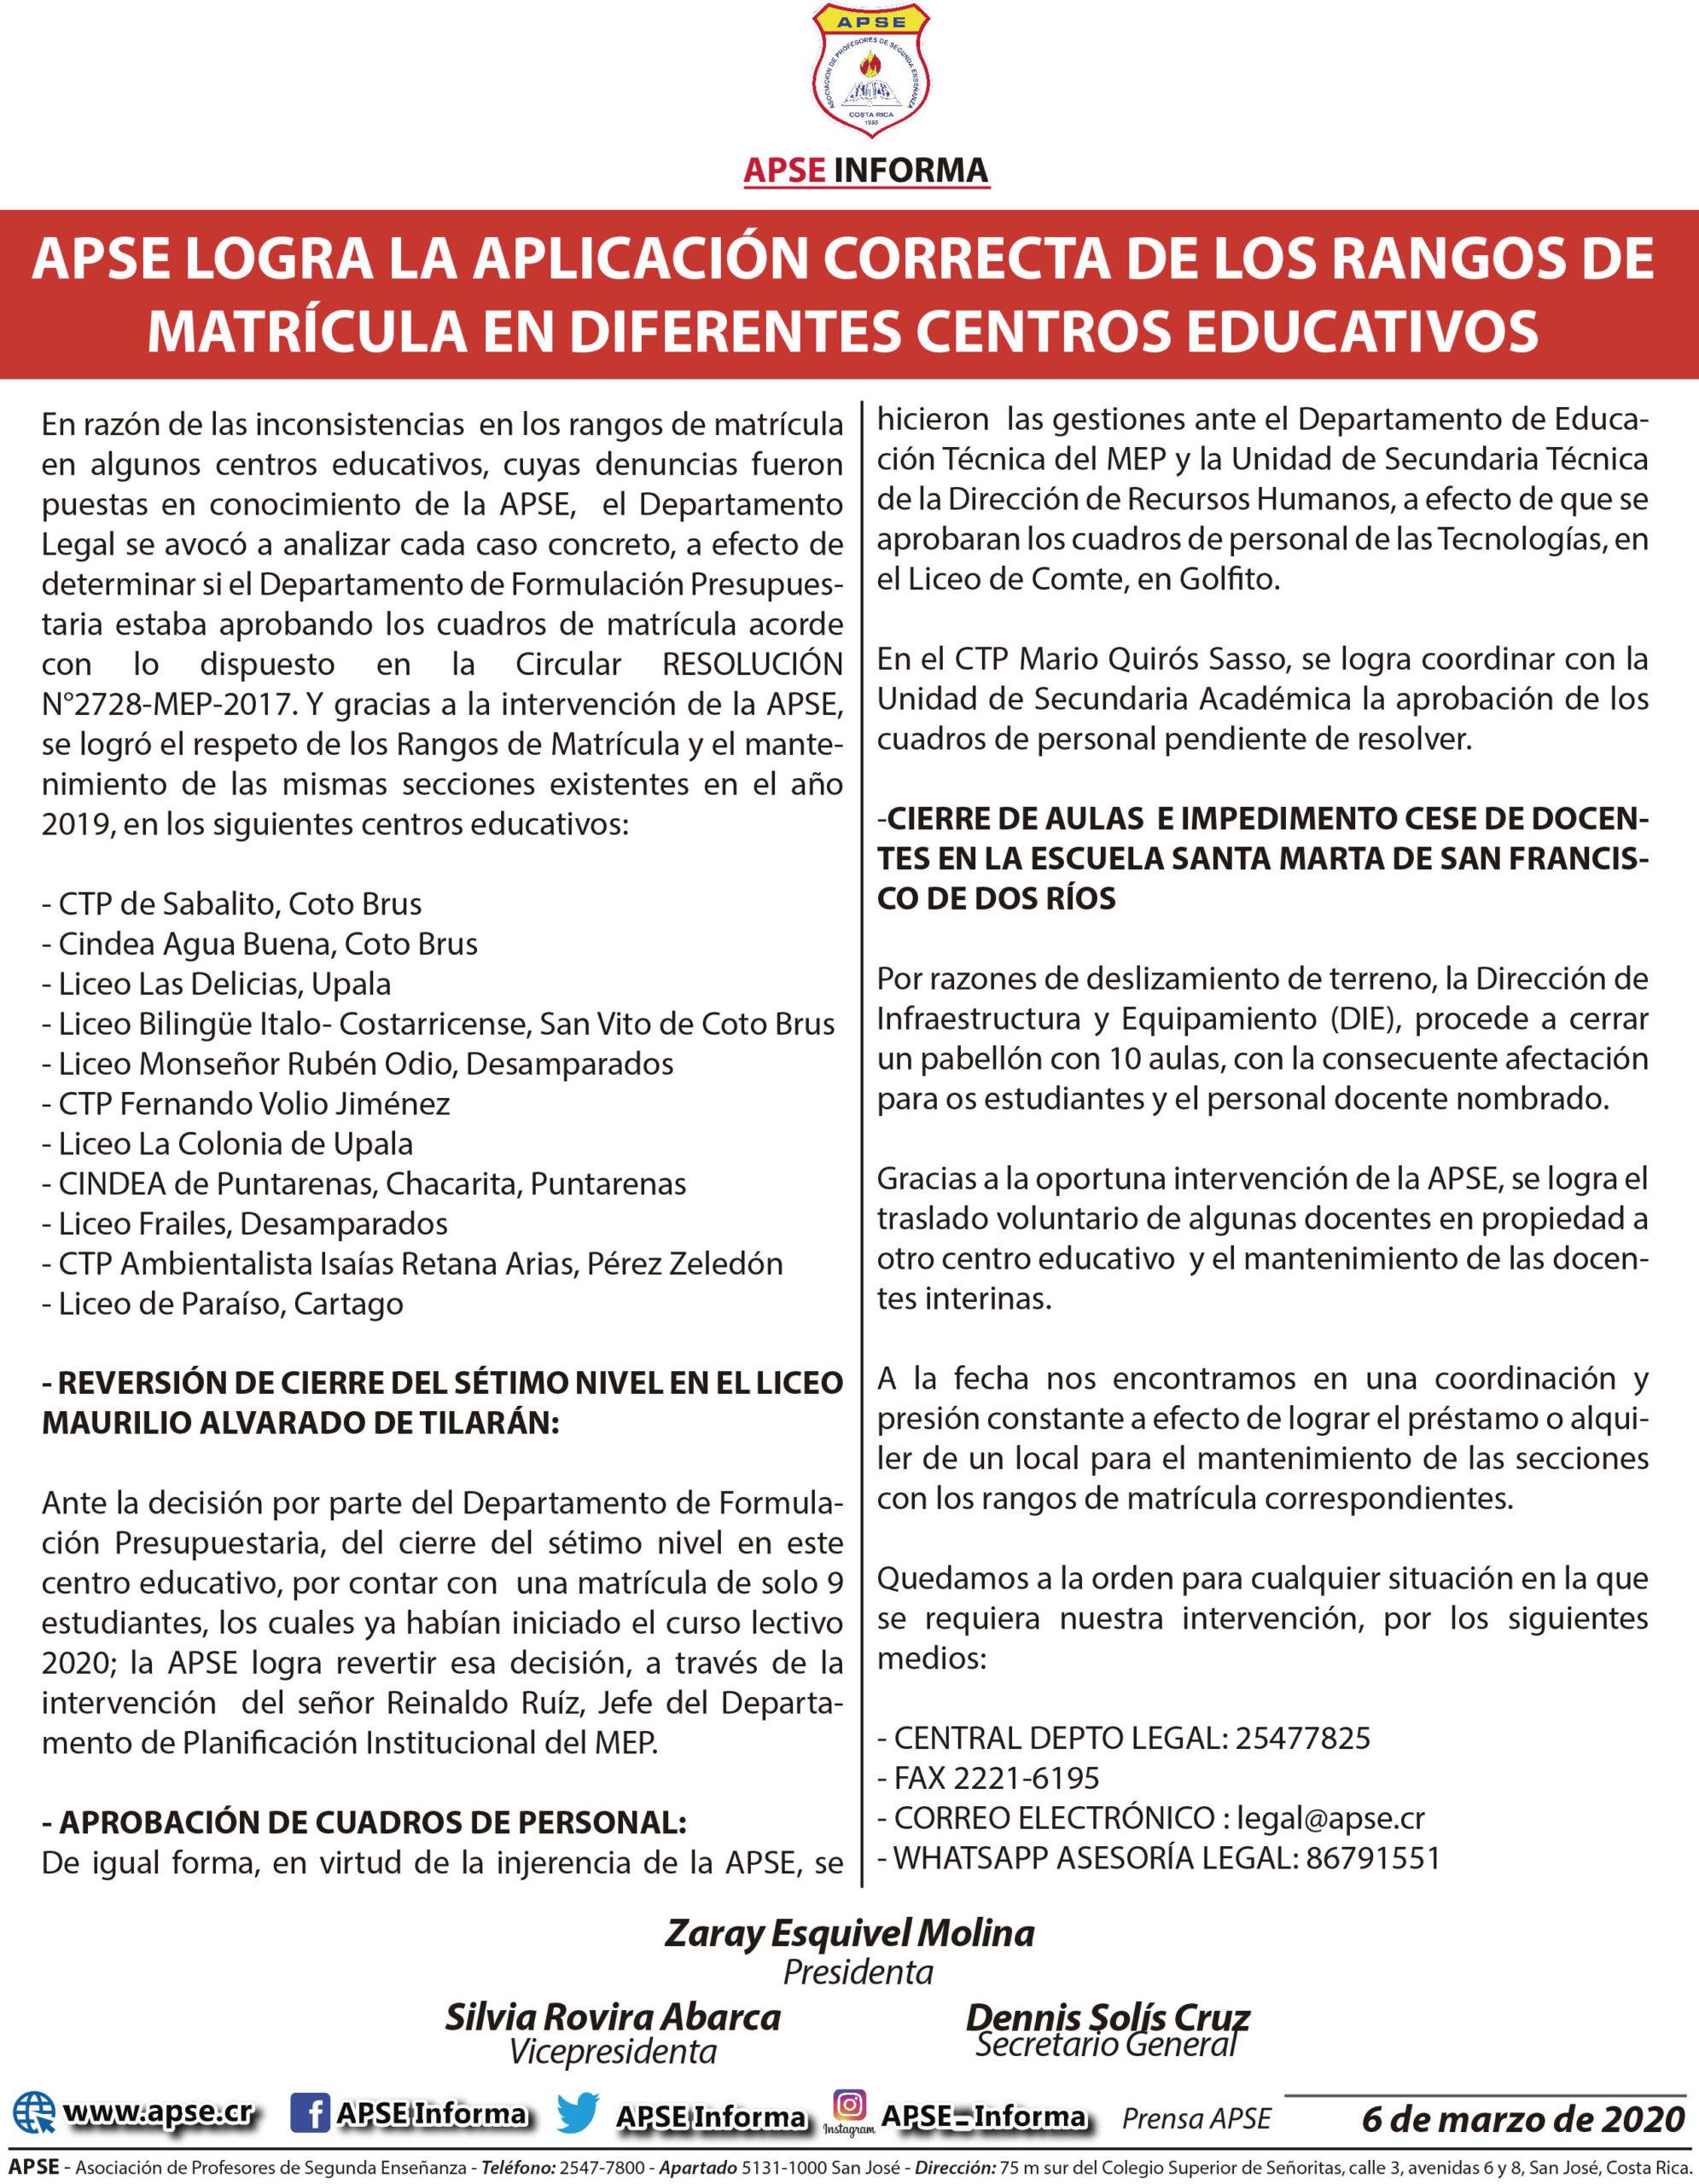 APSE LOGRA LA APLICACIÓN CORRECTA DE LOS RANGOS DE MATRÍCULA EN DIFERENTES CENTROS EDUCATIVOS